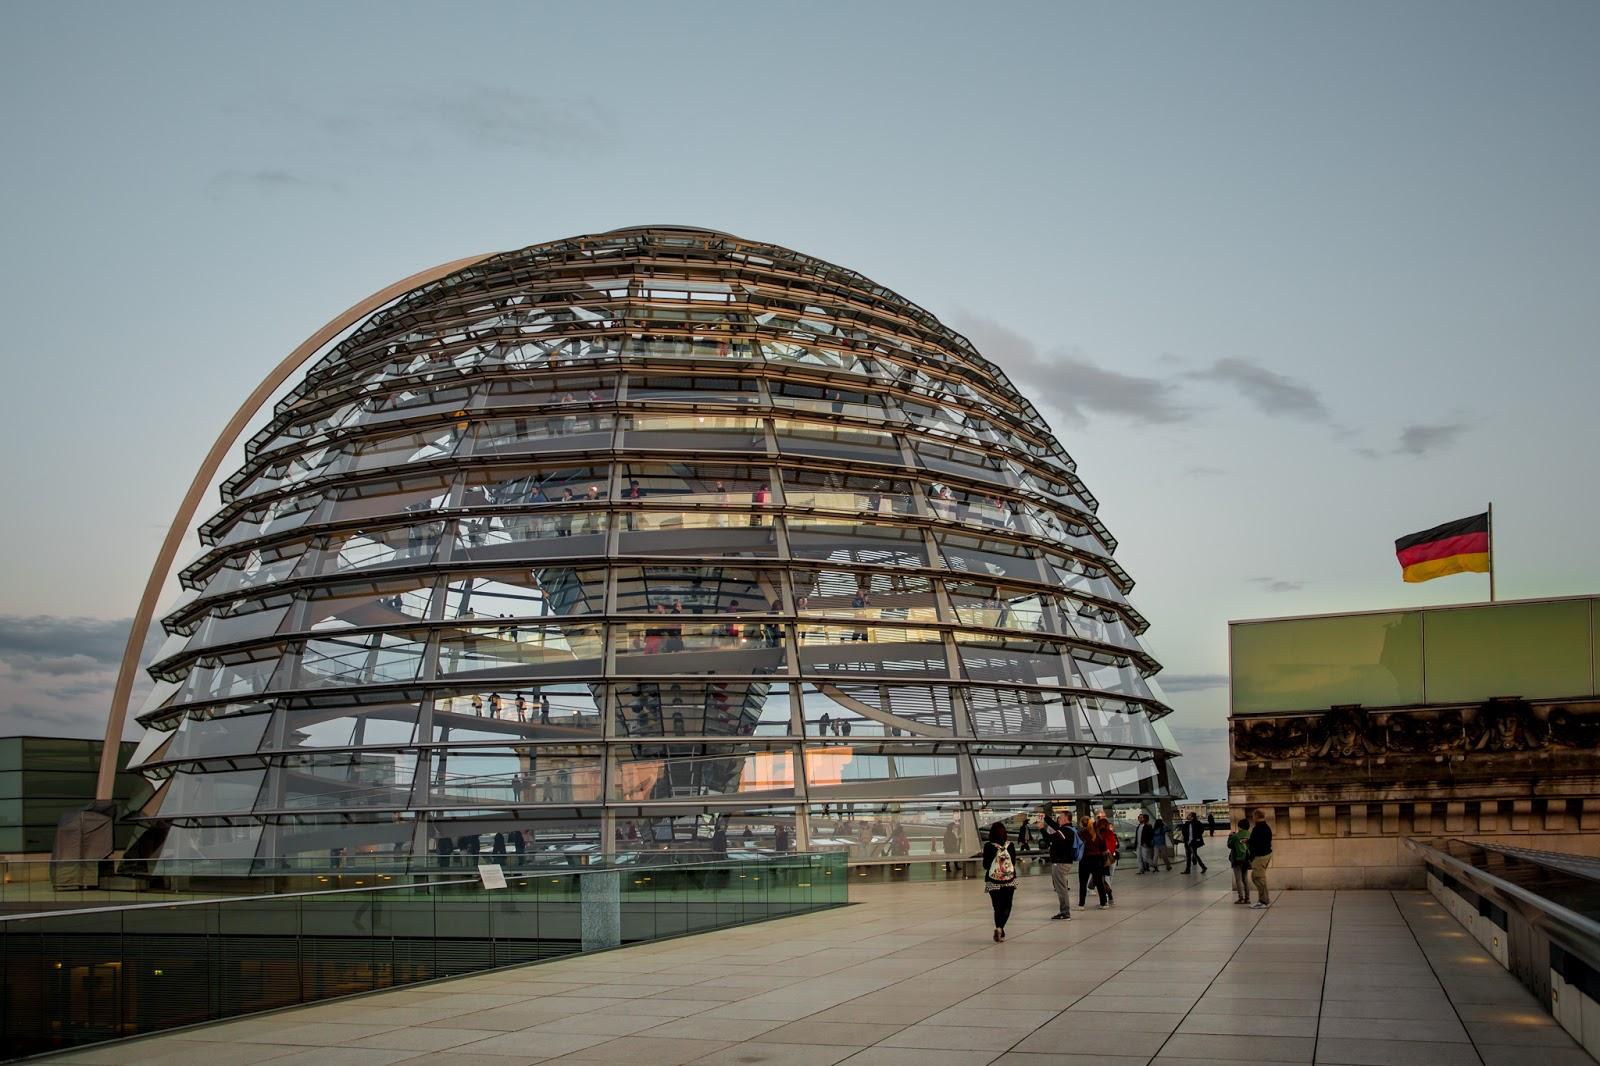 La cúpula desde la terraza del Reichstag :: Canon EOS5D MkIII | ISO800 | Canon17-40 @27mm | f/4.5 | 1/80s